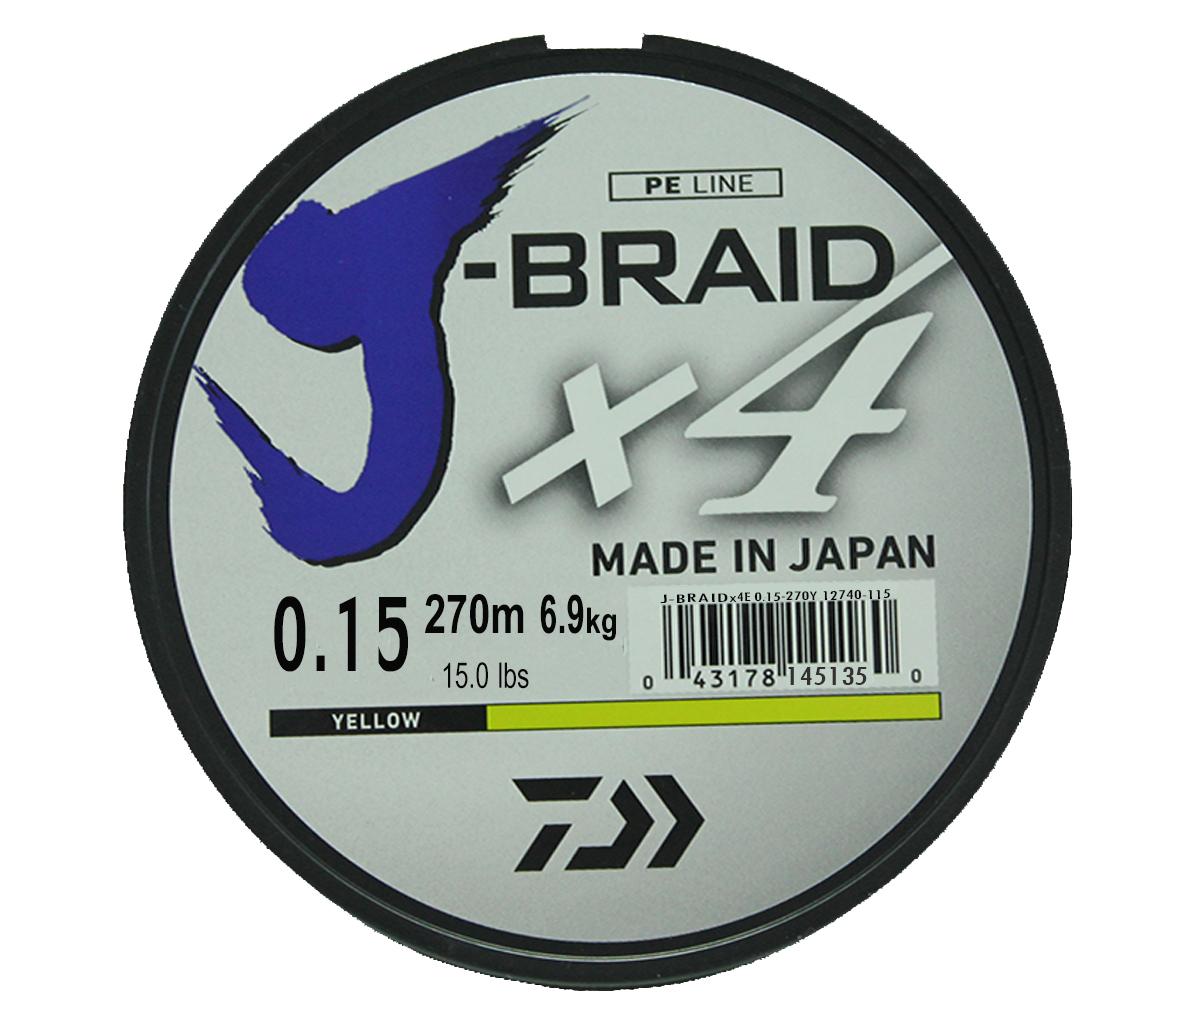 Шнур плетеный Daiwa J-Braid X4, цвет: флуоресцентный желтый, 270 м, 0,15 ммPGPS7797CIS08GBNVНовый 4х жильный шнур J-Braid, DAIWA - шнур высокого класса с удивительным соотношением цены и качества. Качество плетения полностьюсоответствует японским стандартам и удовлетворяет всем требованиям. Представленные диаметры позволяют использовать шнур для всех техникловли, начиная от ultra- light ловли окуня, до морской ловли палтуса, трески и т.д